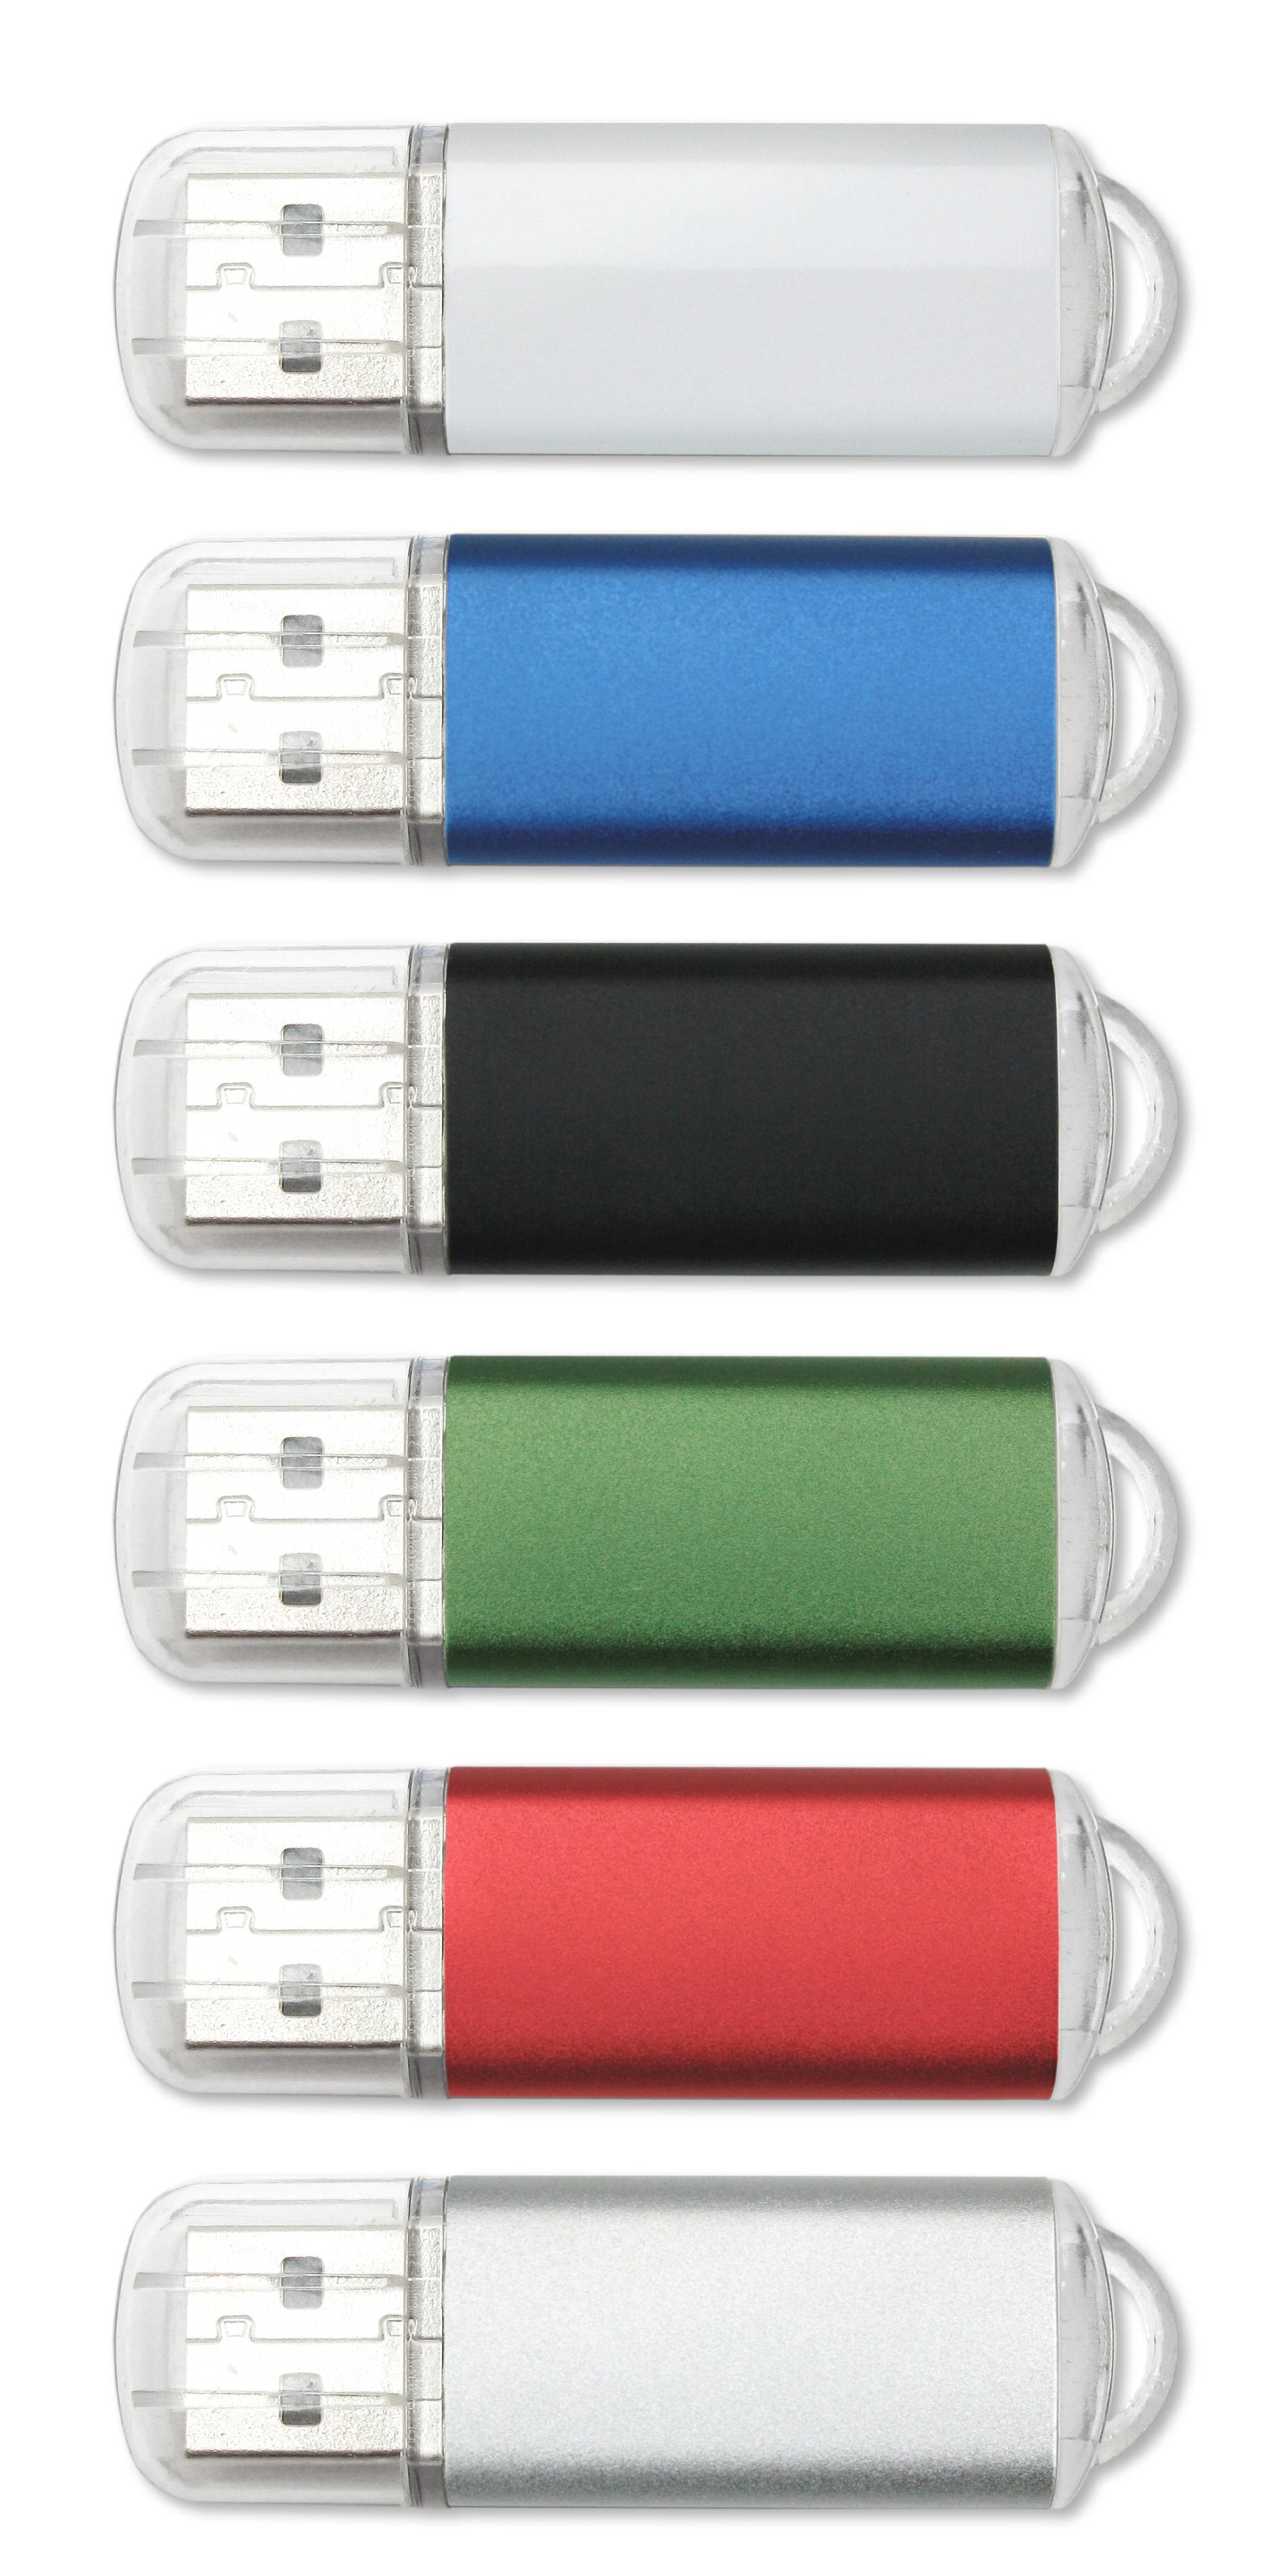 Clé USB publicitaire Original - Cadeau d'entreprise